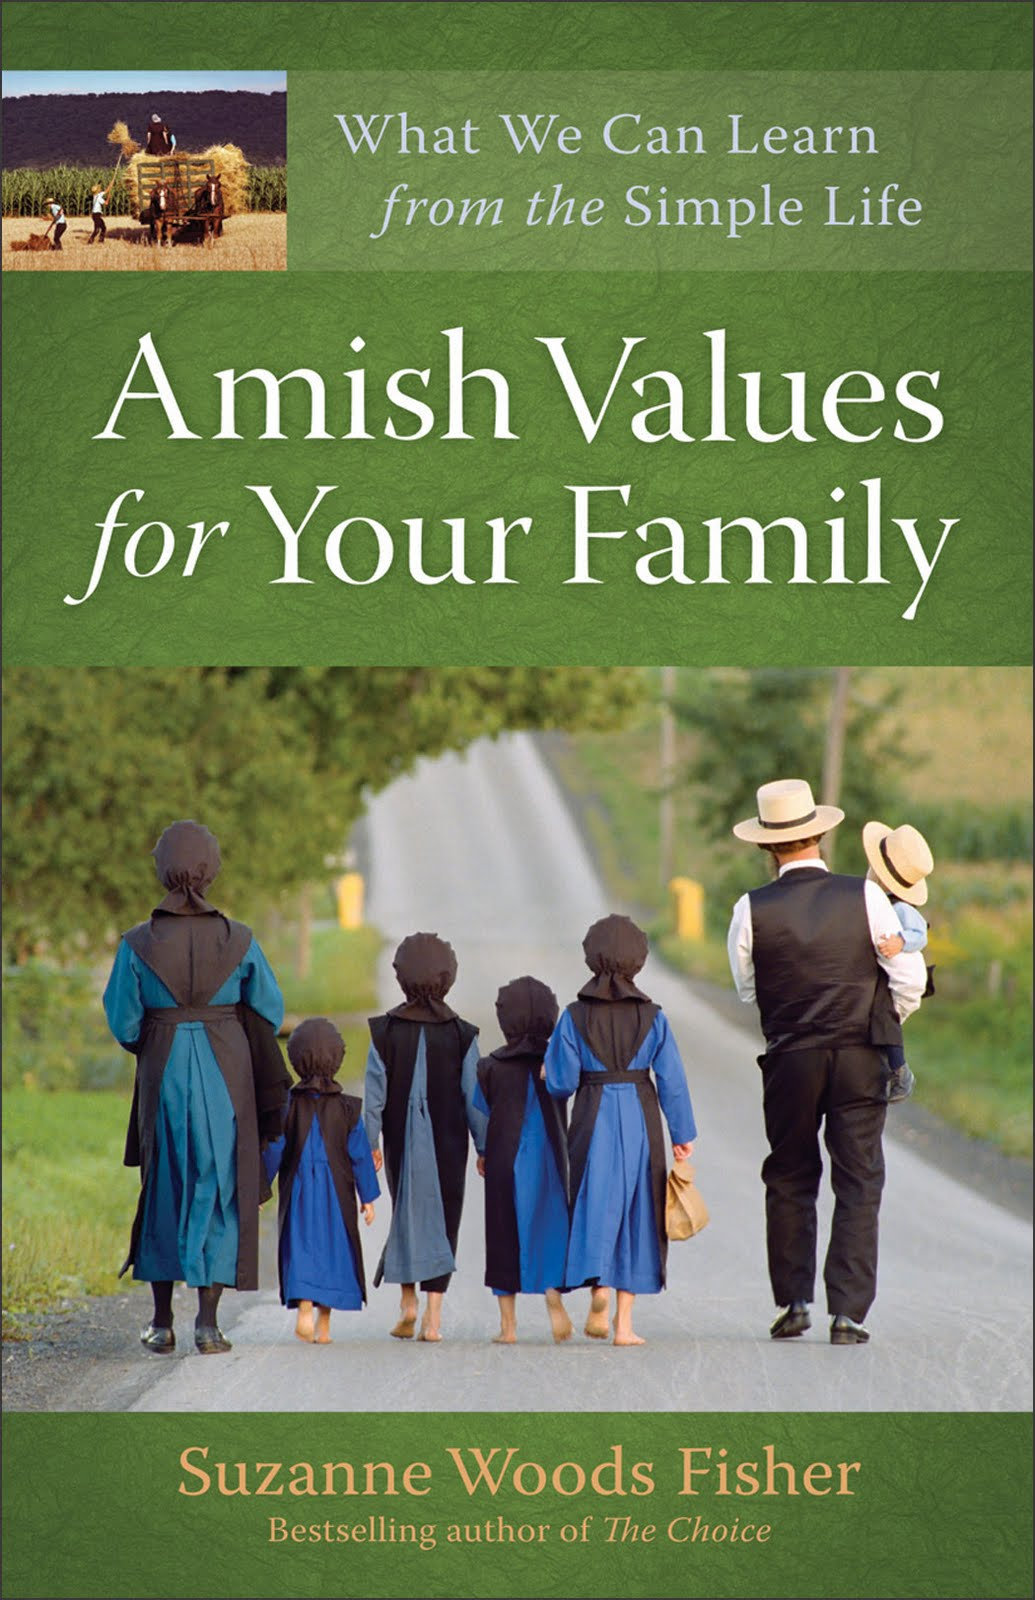 http://2.bp.blogspot.com/-IirO2wOE2Q4/TlaBmdUF21I/AAAAAAAAA2o/jDOKTjn-osQ/s1600/Amish+Values.jpg#Amish%201035x1600